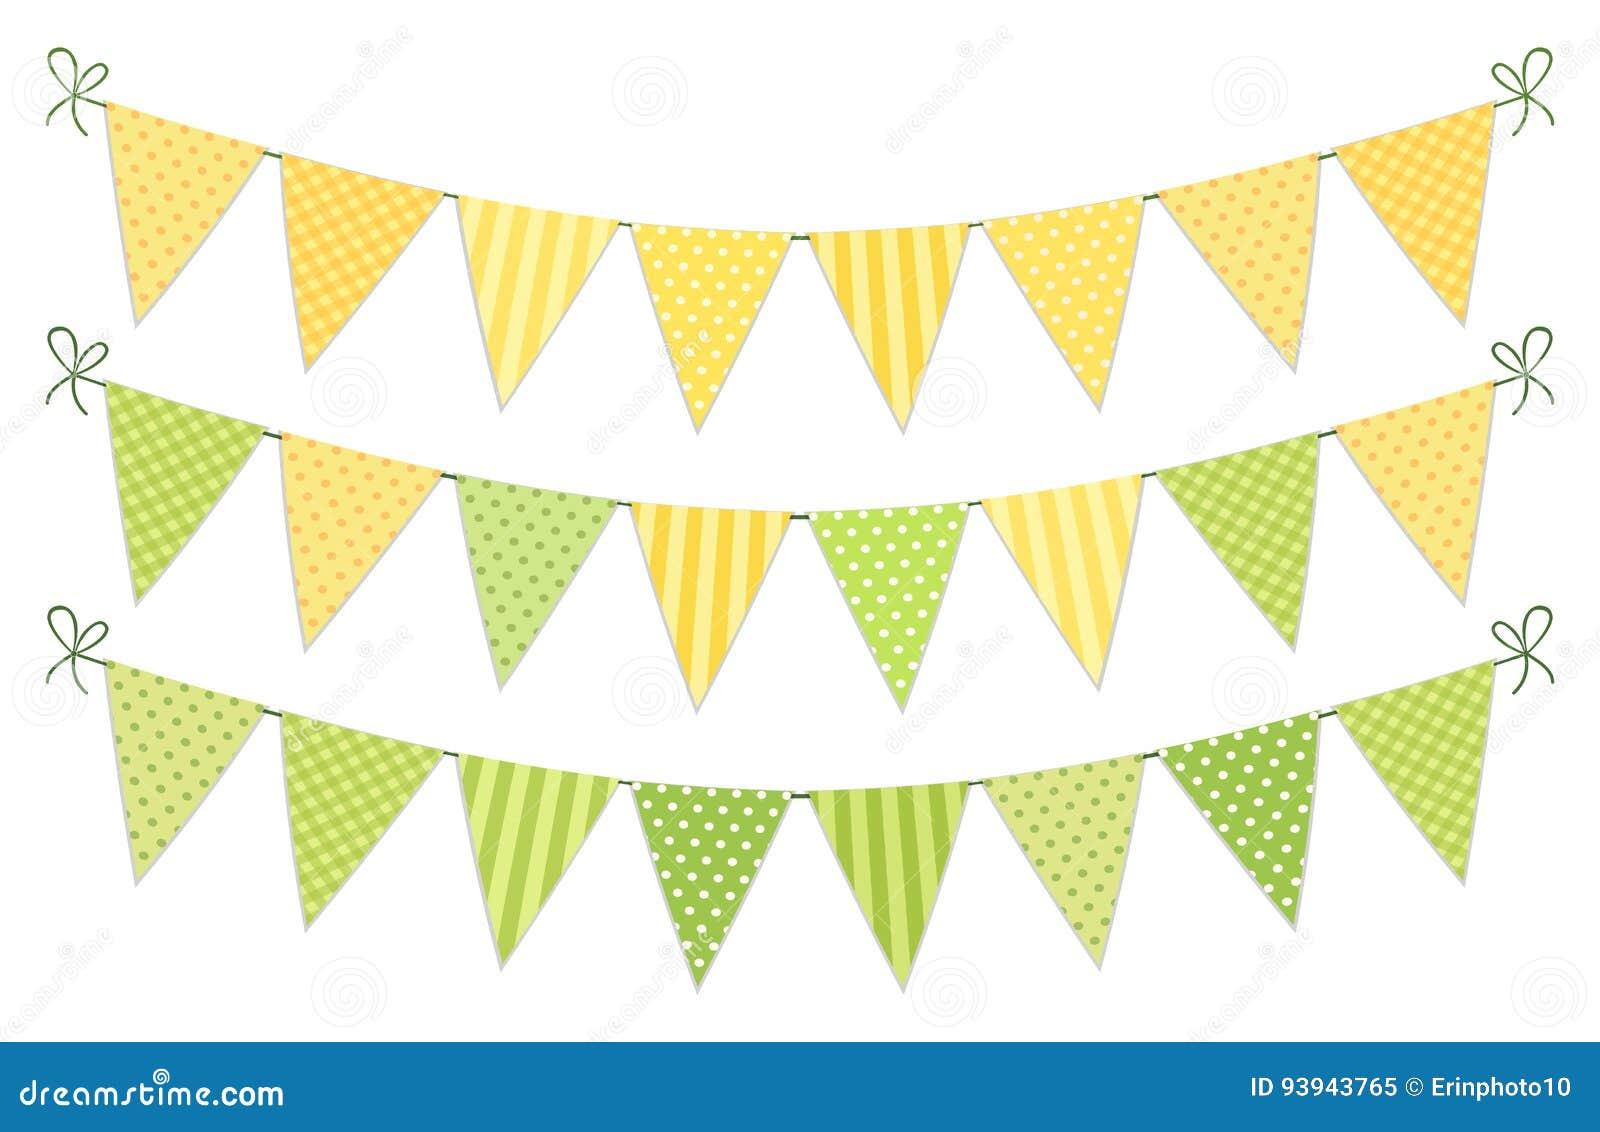 Nettes Weinlesetextilgrüne und gelbe schäbige schicke Flaggenflaggen für Sommerfestivals, Geburtstag, Babyparty